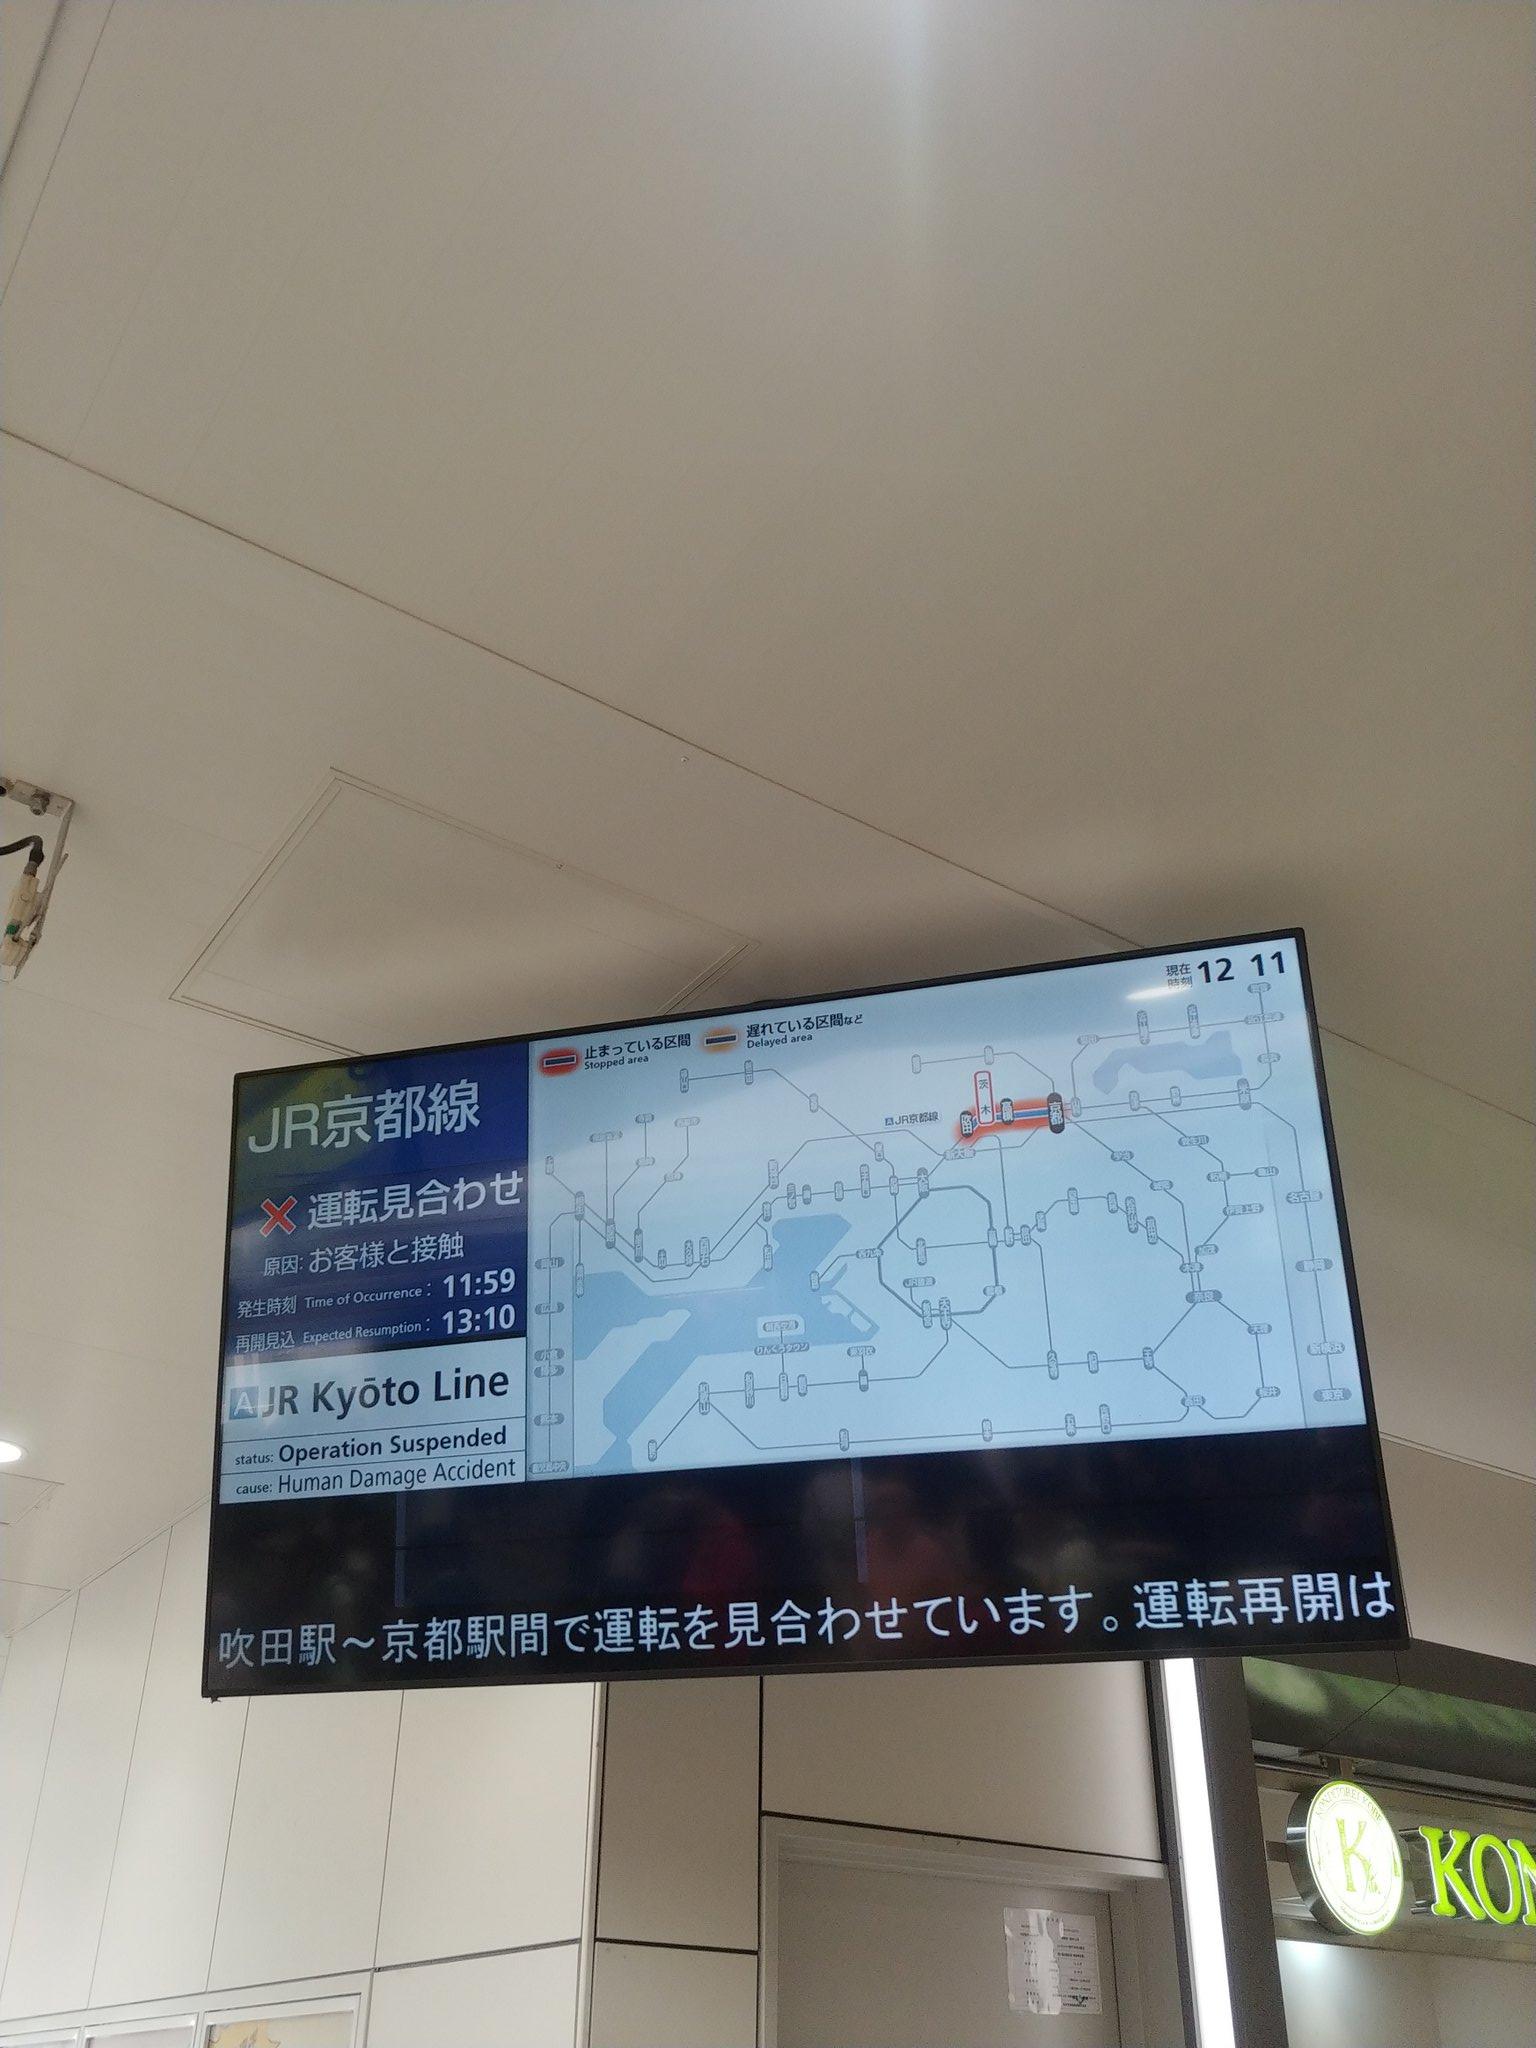 画像,茨木へ戻ってJRに乗ろうとしたら人身事故で止まる。なんでも貨物列車に人か飛んだらしい。なんで飛ぶねん!電車を止めるなよ(溜息) https://t.co/c43…